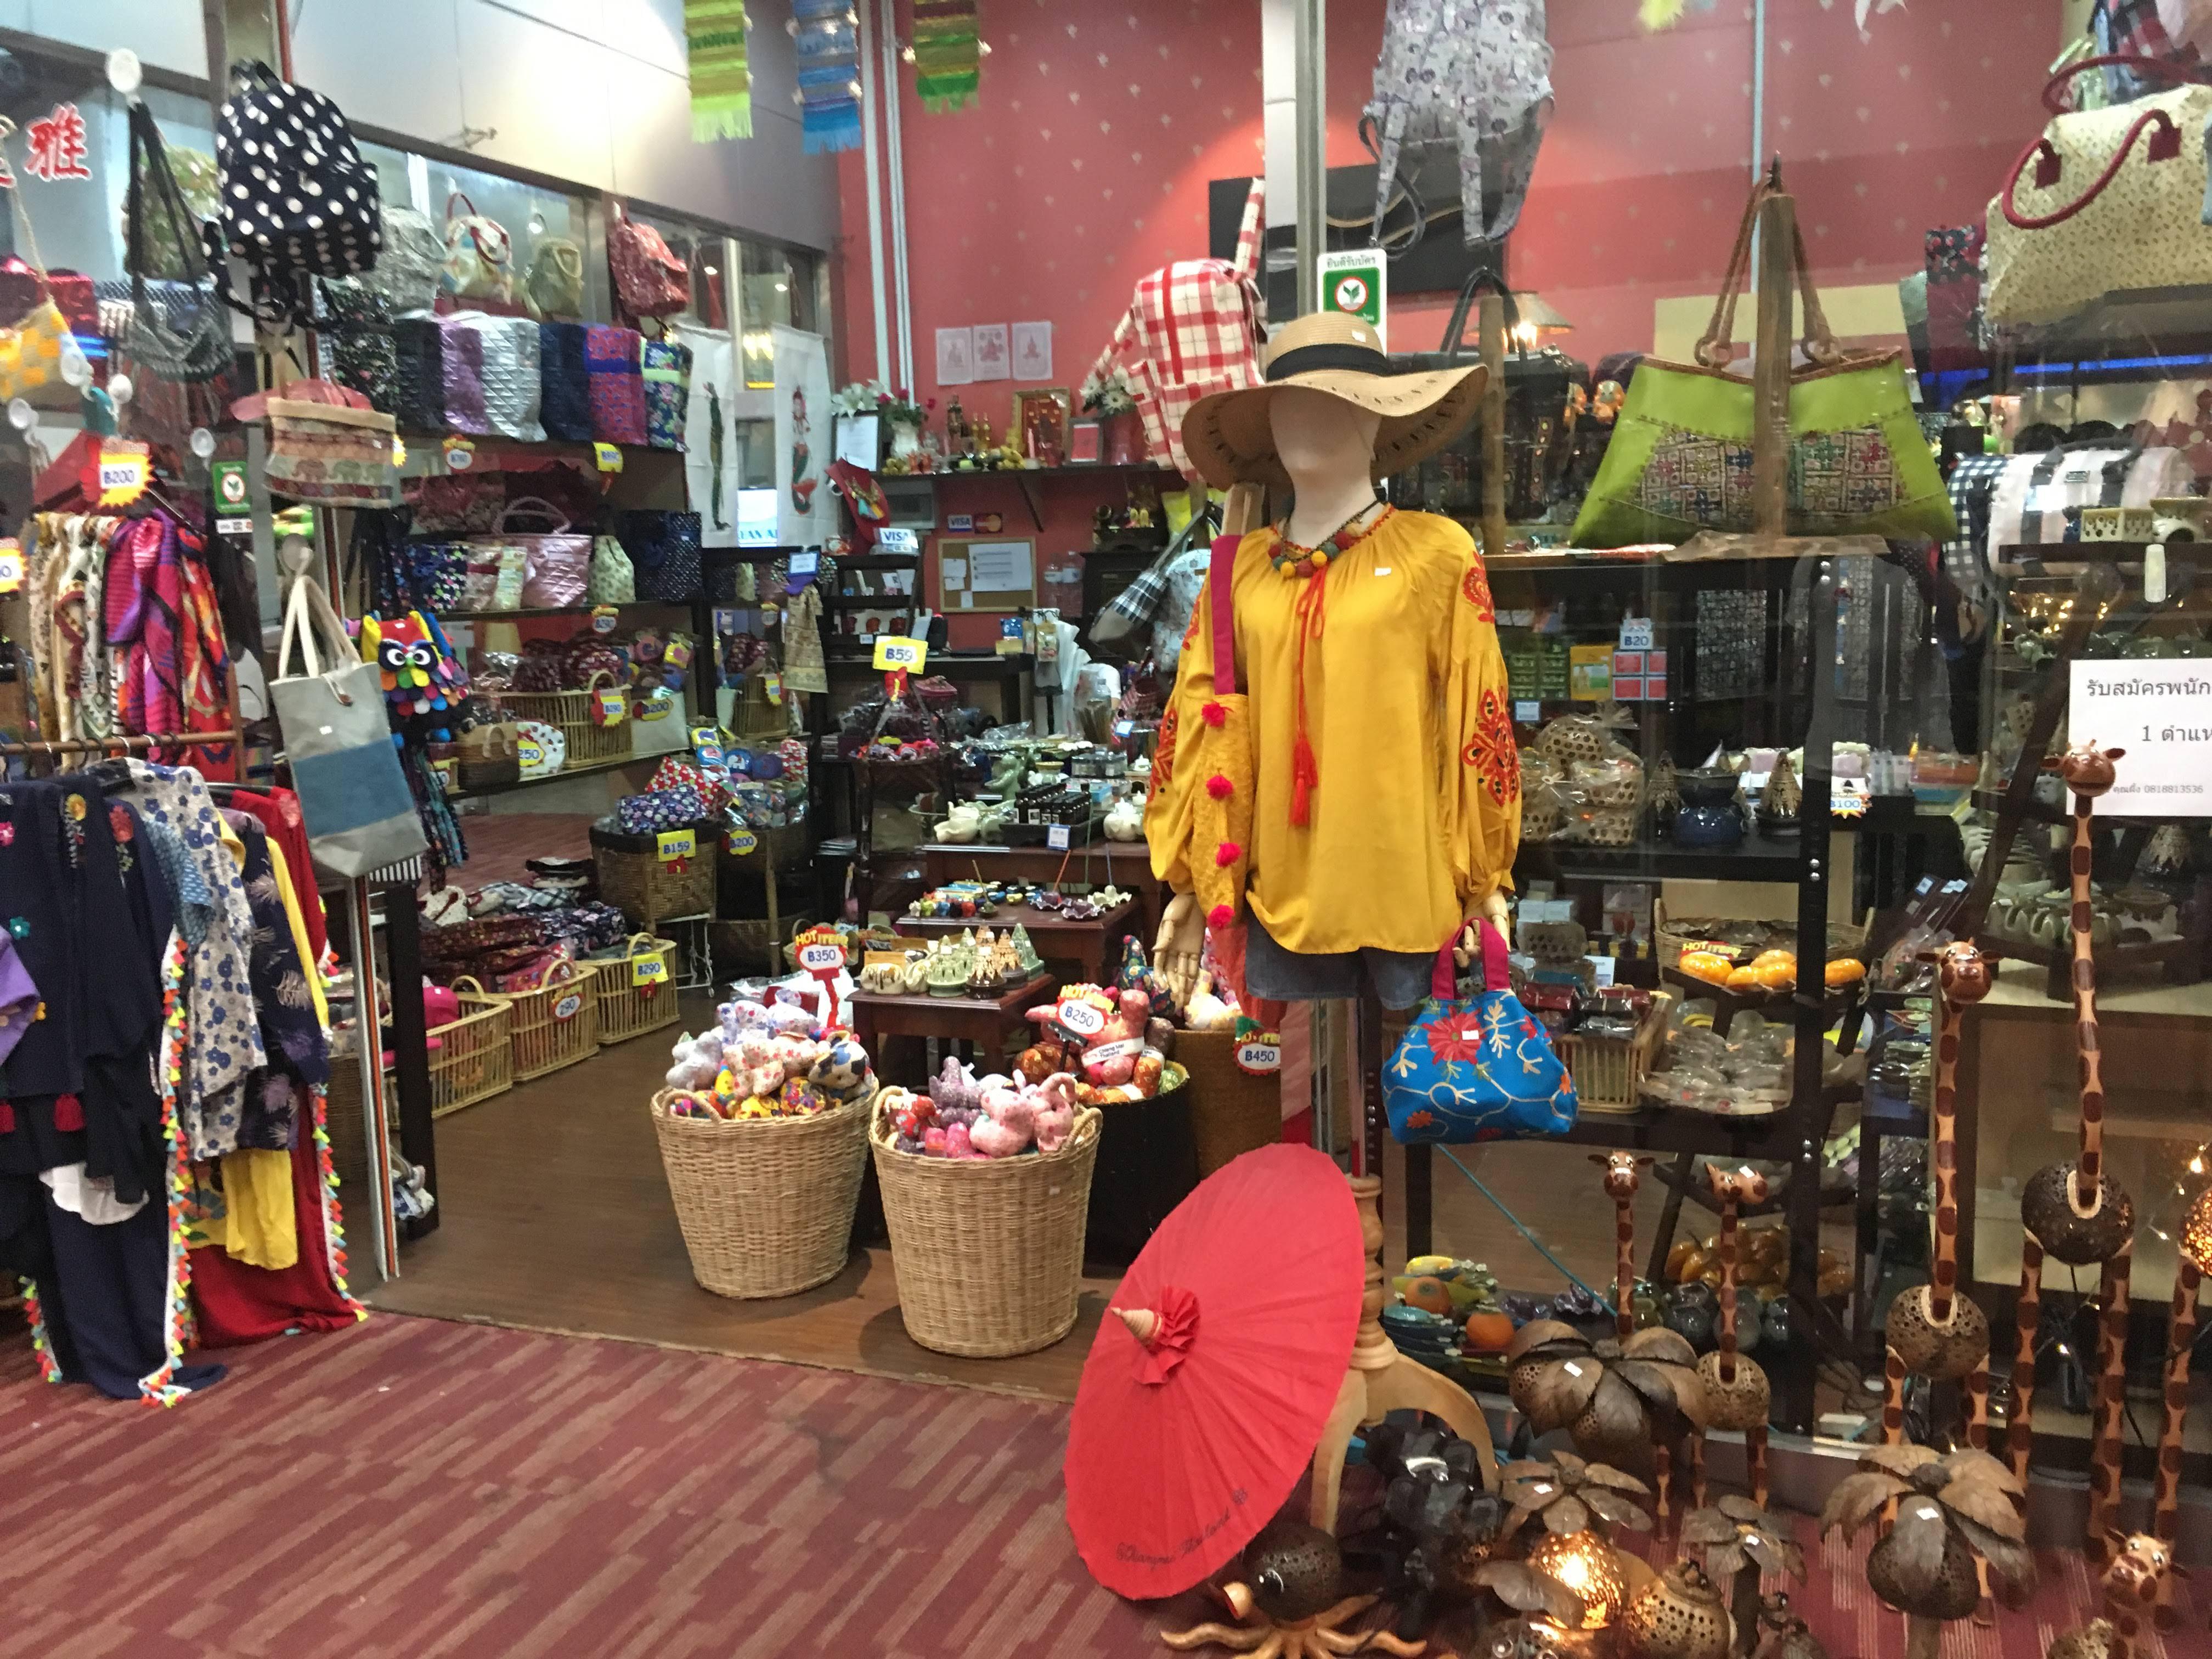 チェンマイ空港でお土産を買える店・場所: 雑貨屋 出国後